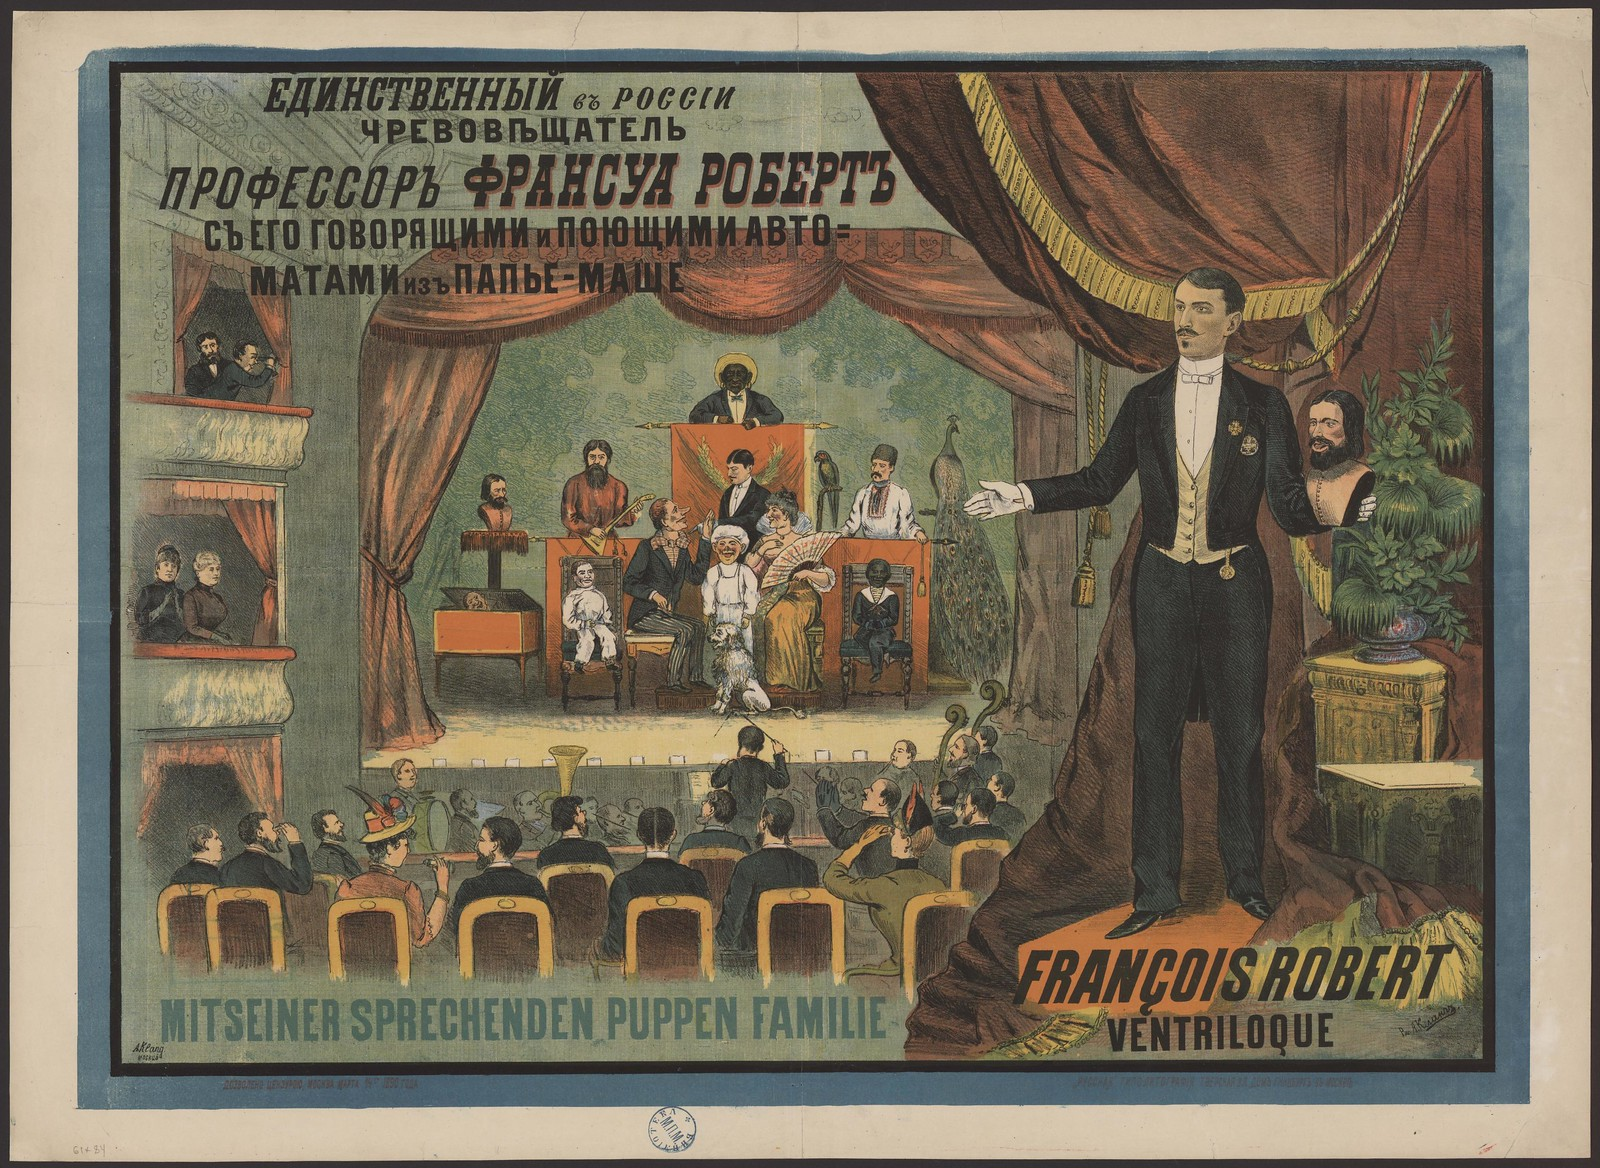 1890. Единственный в России чревовещатель профессор Франсуа Роберт с его говорящими и поющими автоматами из папье-маше